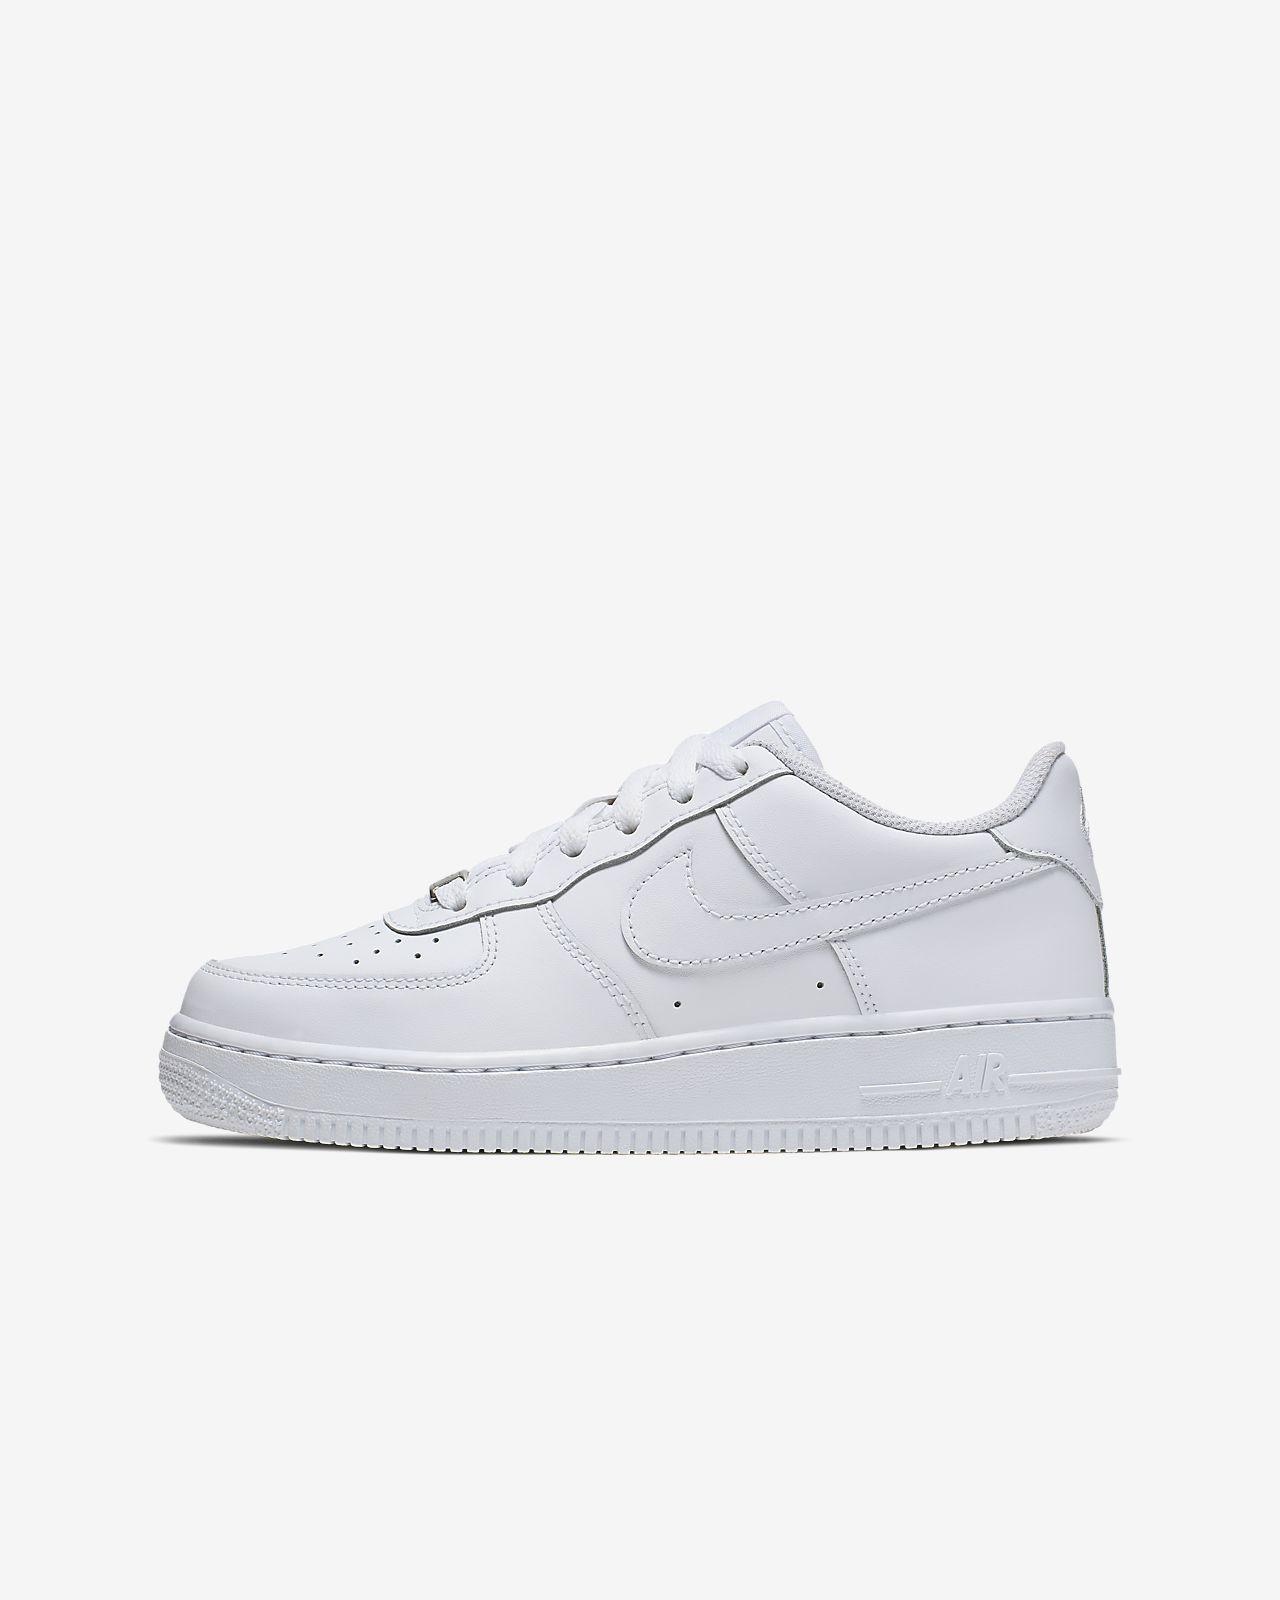 Παπούτσι Nike Air Force 1 για μεγάλα παιδιά